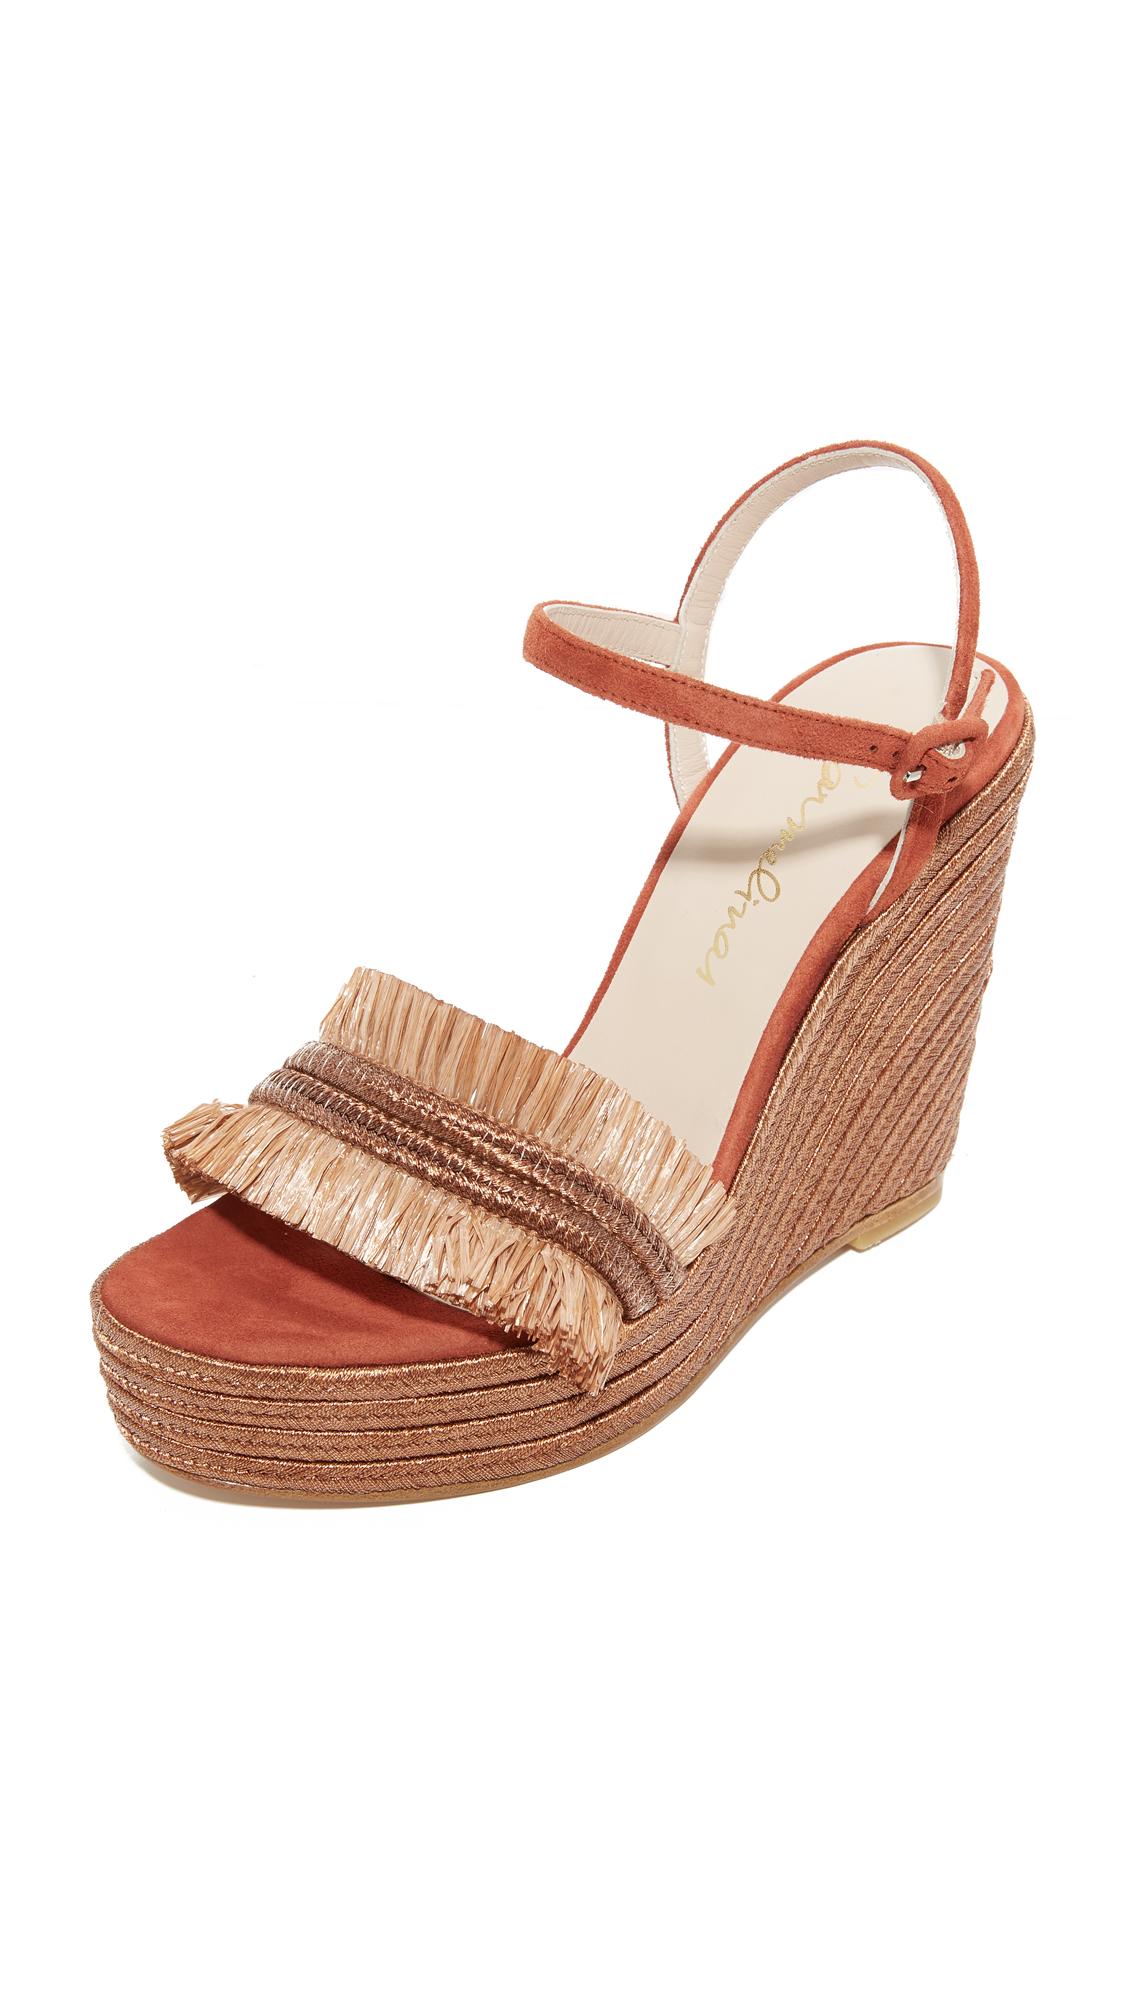 Carmelinas Mia Platform Sandals - Brick